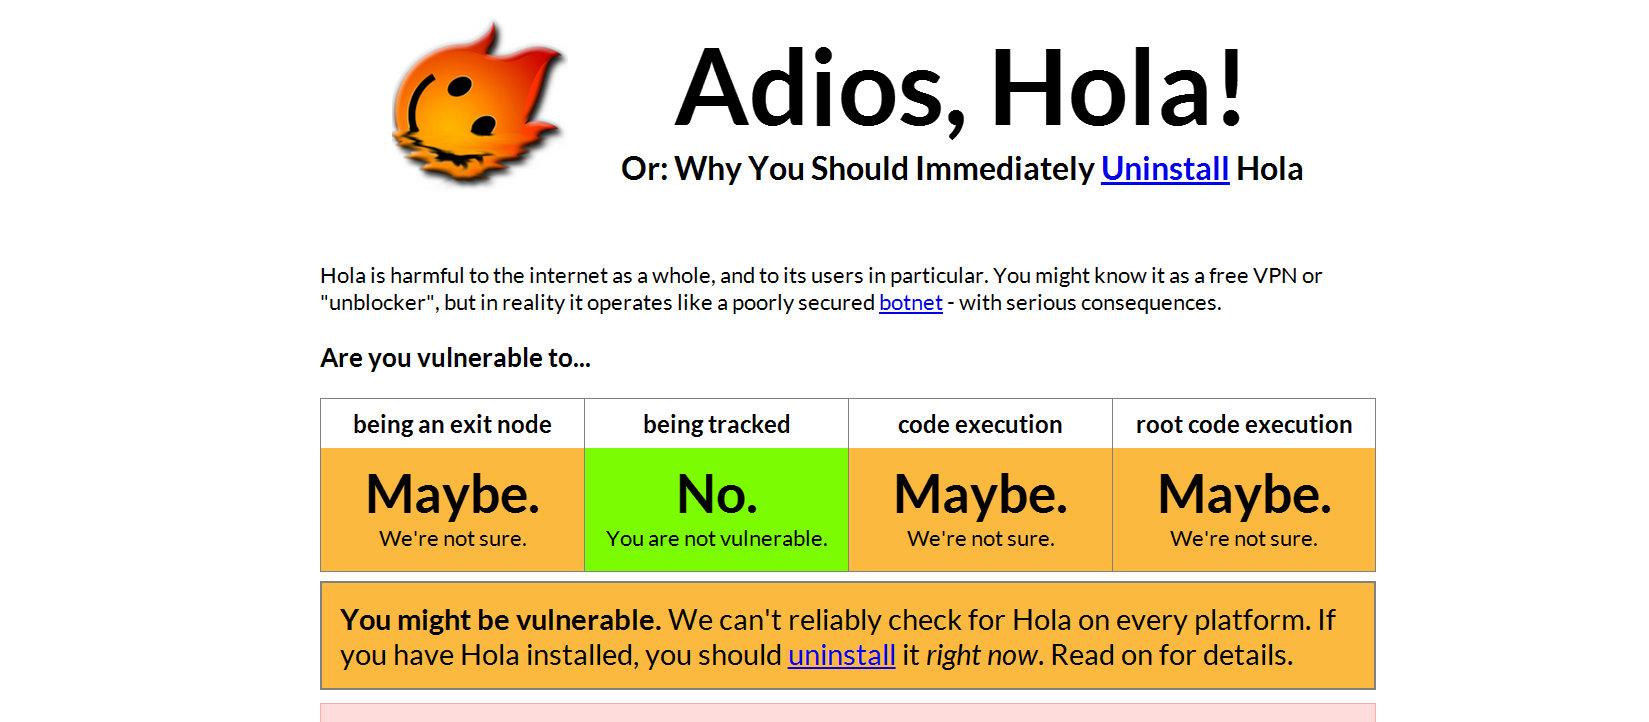 免費的最貴!資安研究人員呼籲立即移除VPN服務Hola,以免被賣去當殭屍